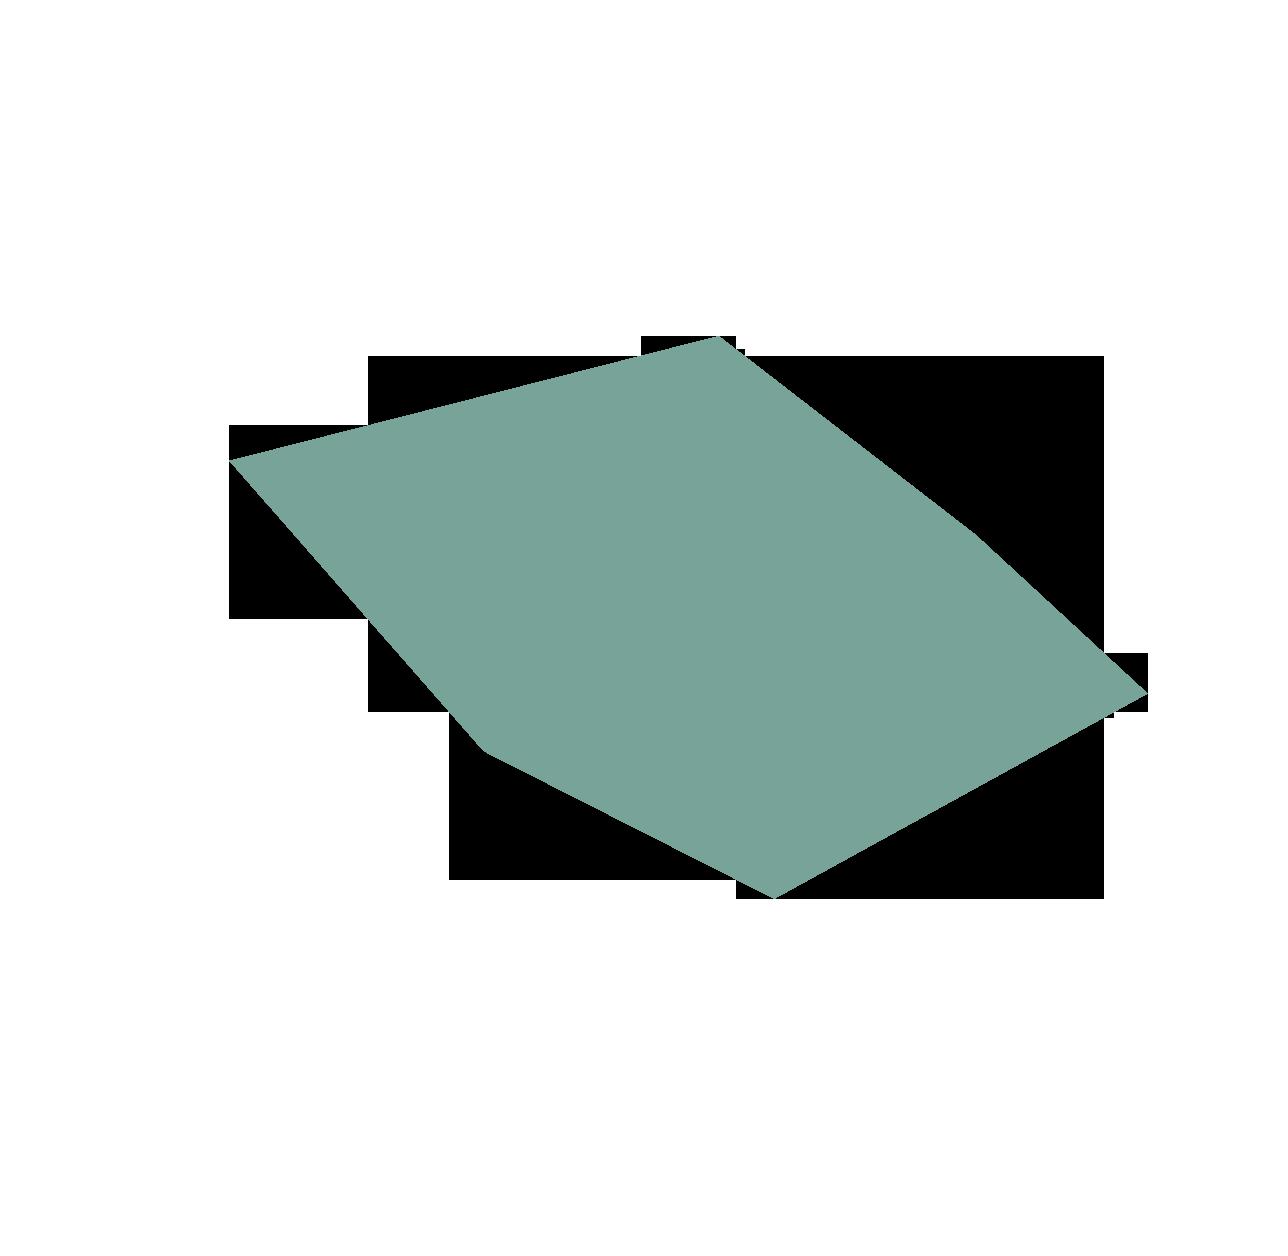 nyt-turtles-licht-5